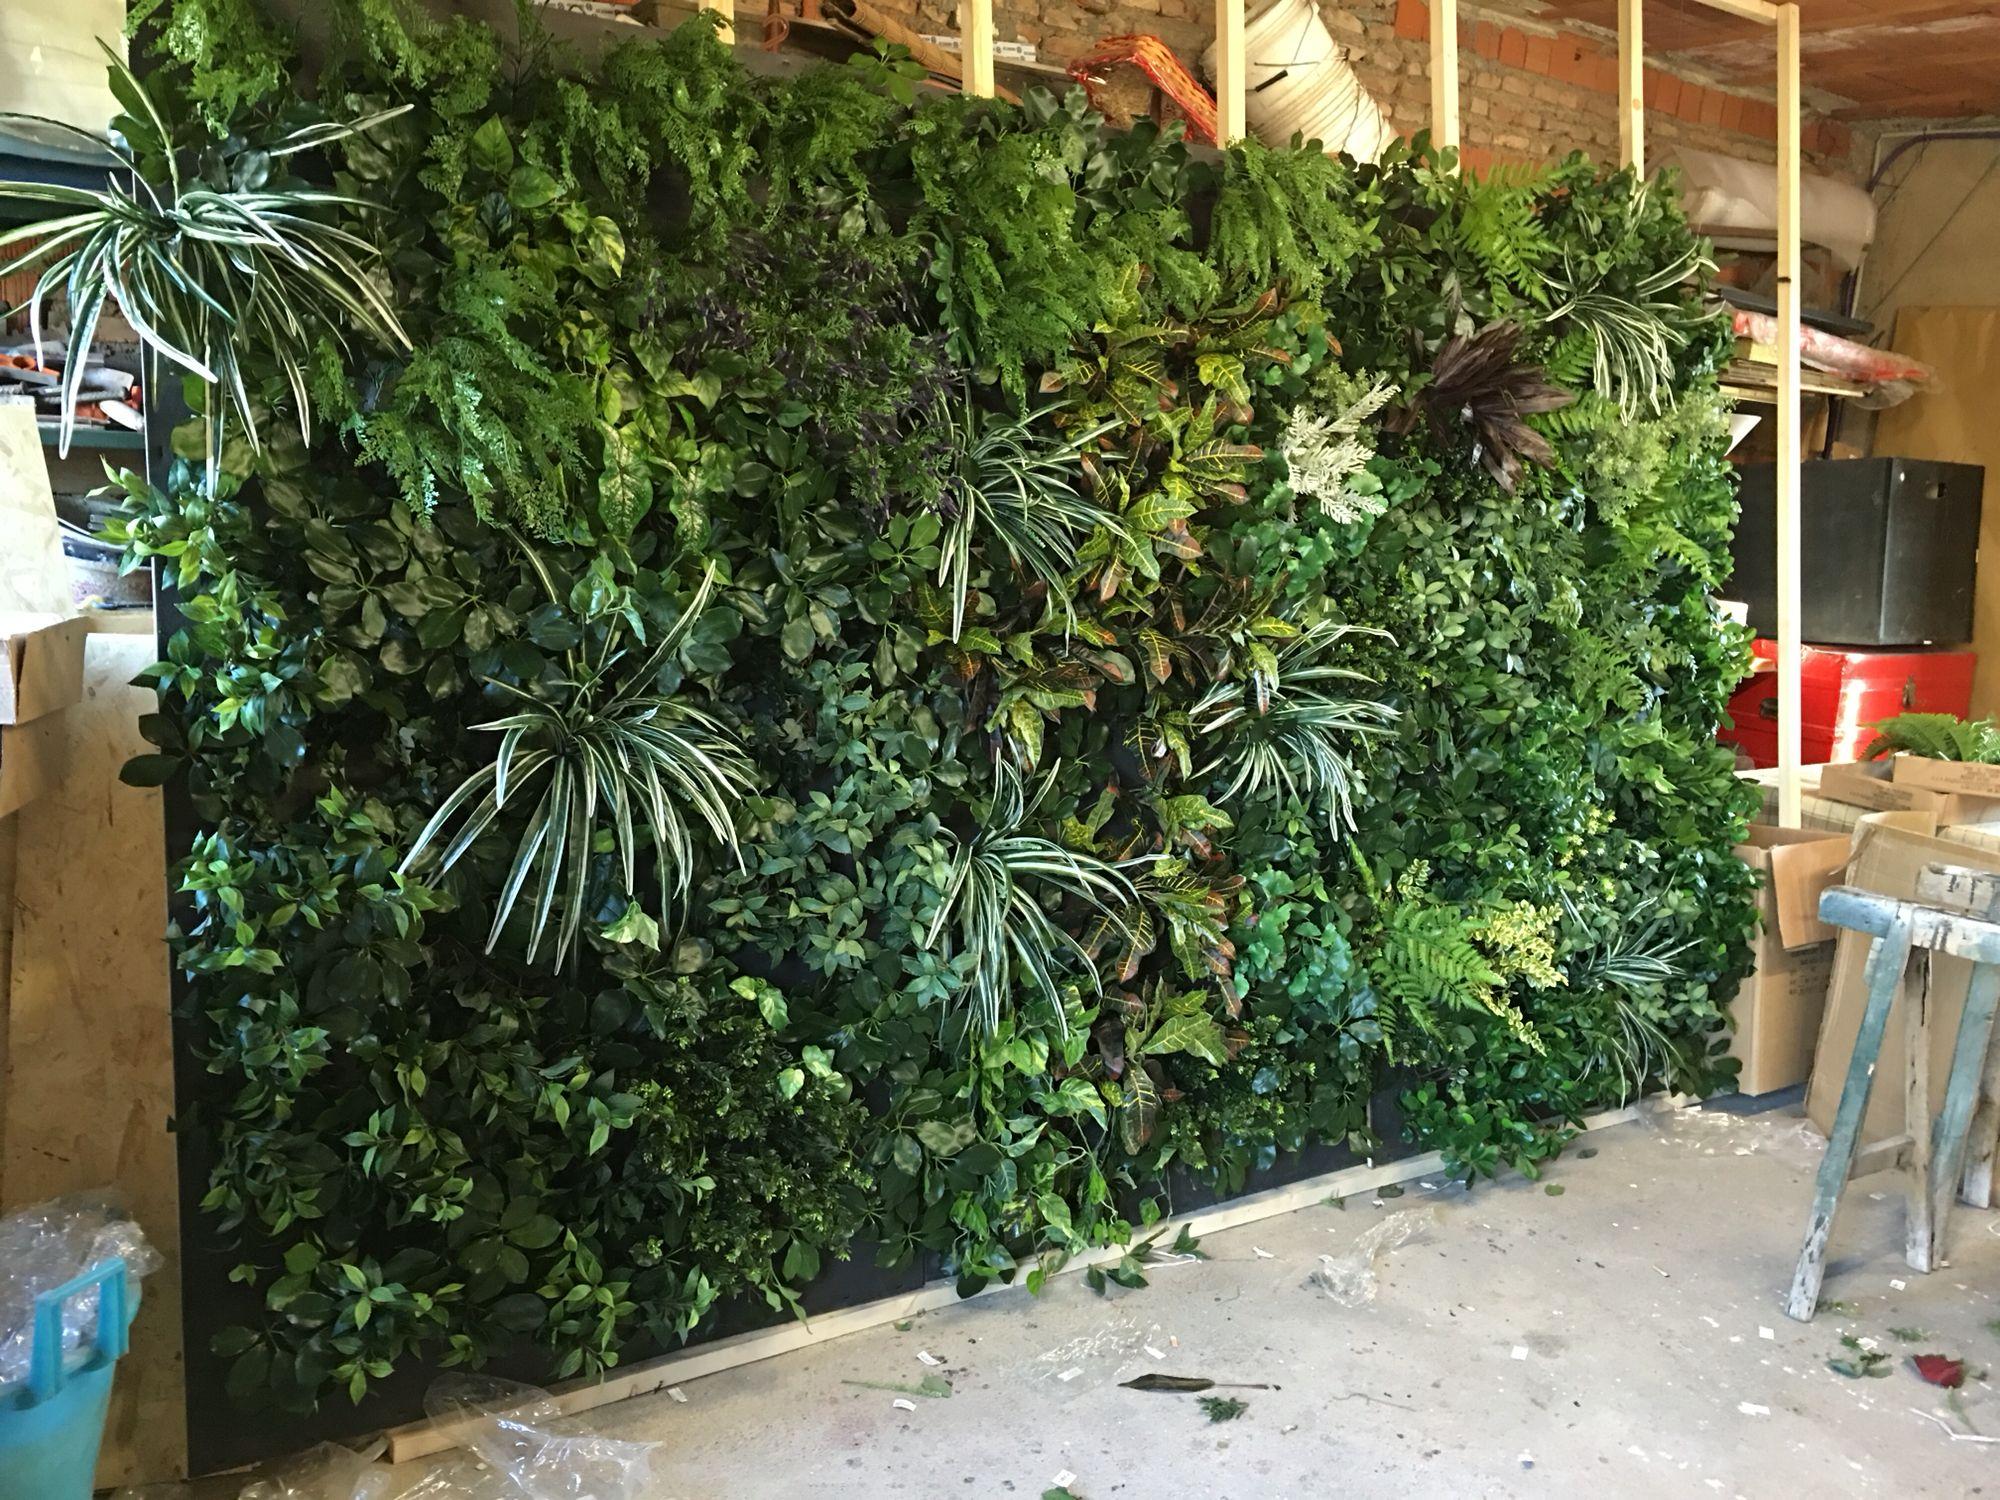 Giardino verticale quadri e pareti di giardino verticale - Giardino verticale interno ...